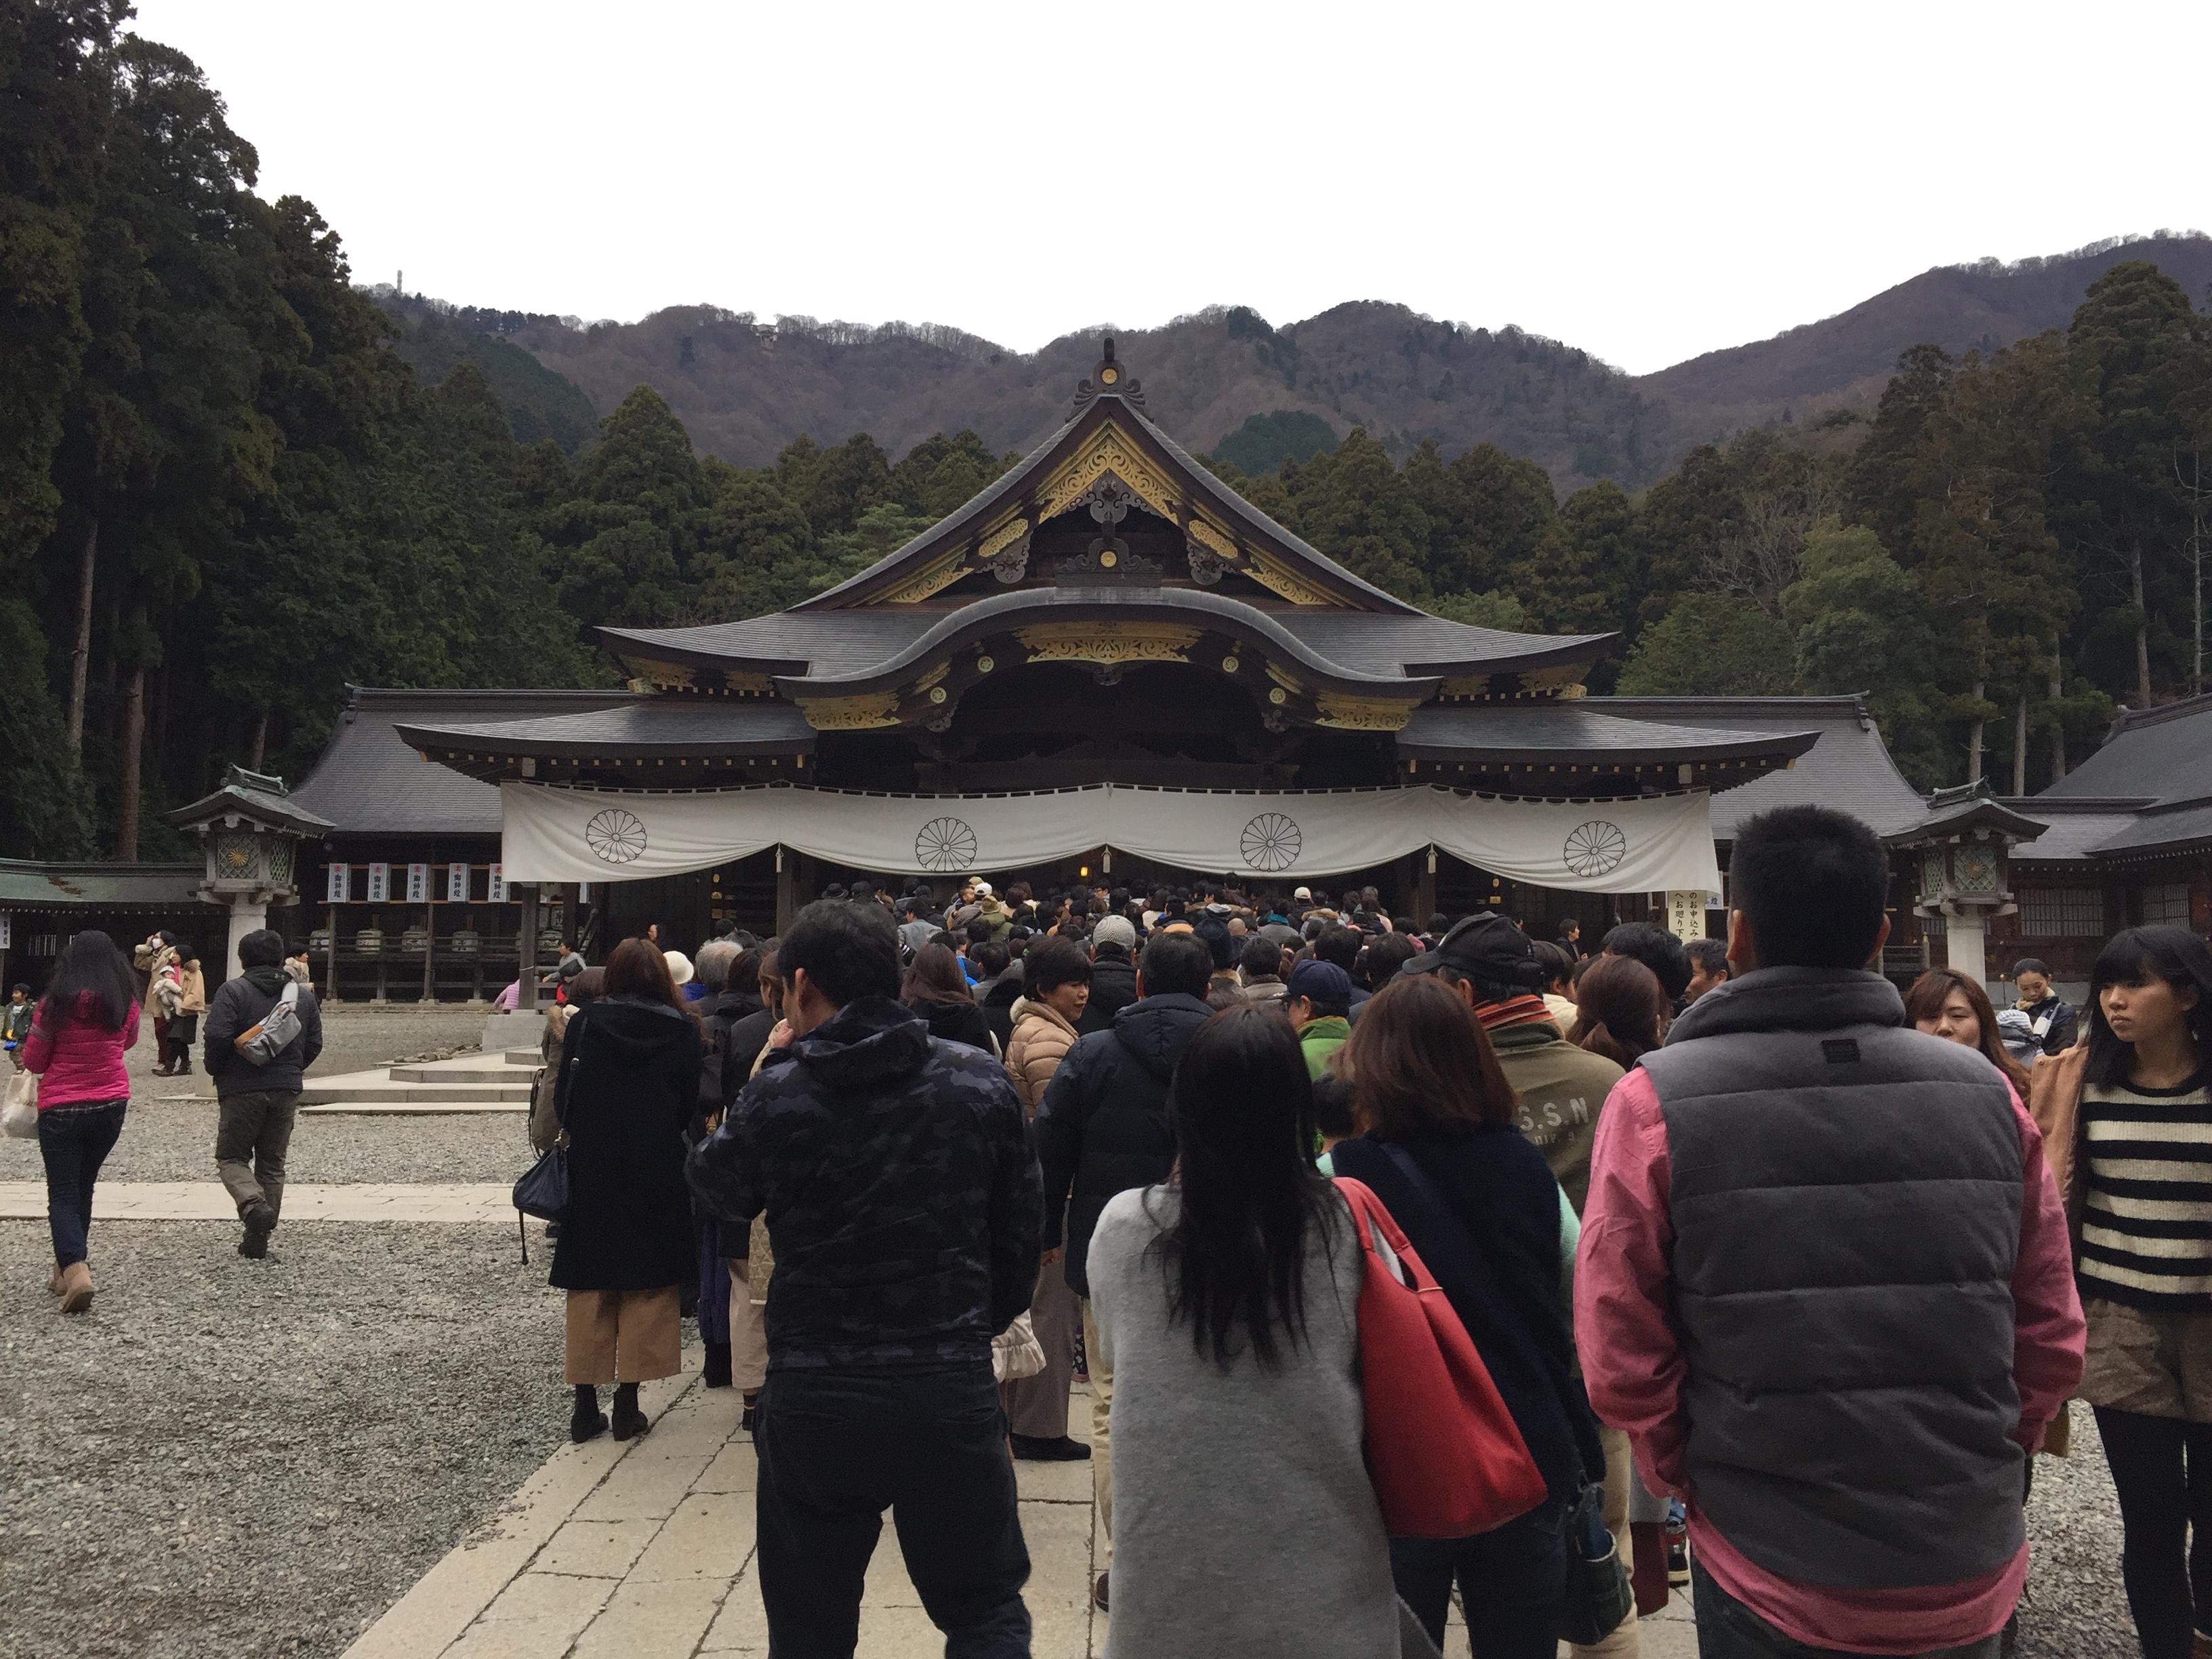 越後一宮の弥彦神社はまだまだ人がたくさん